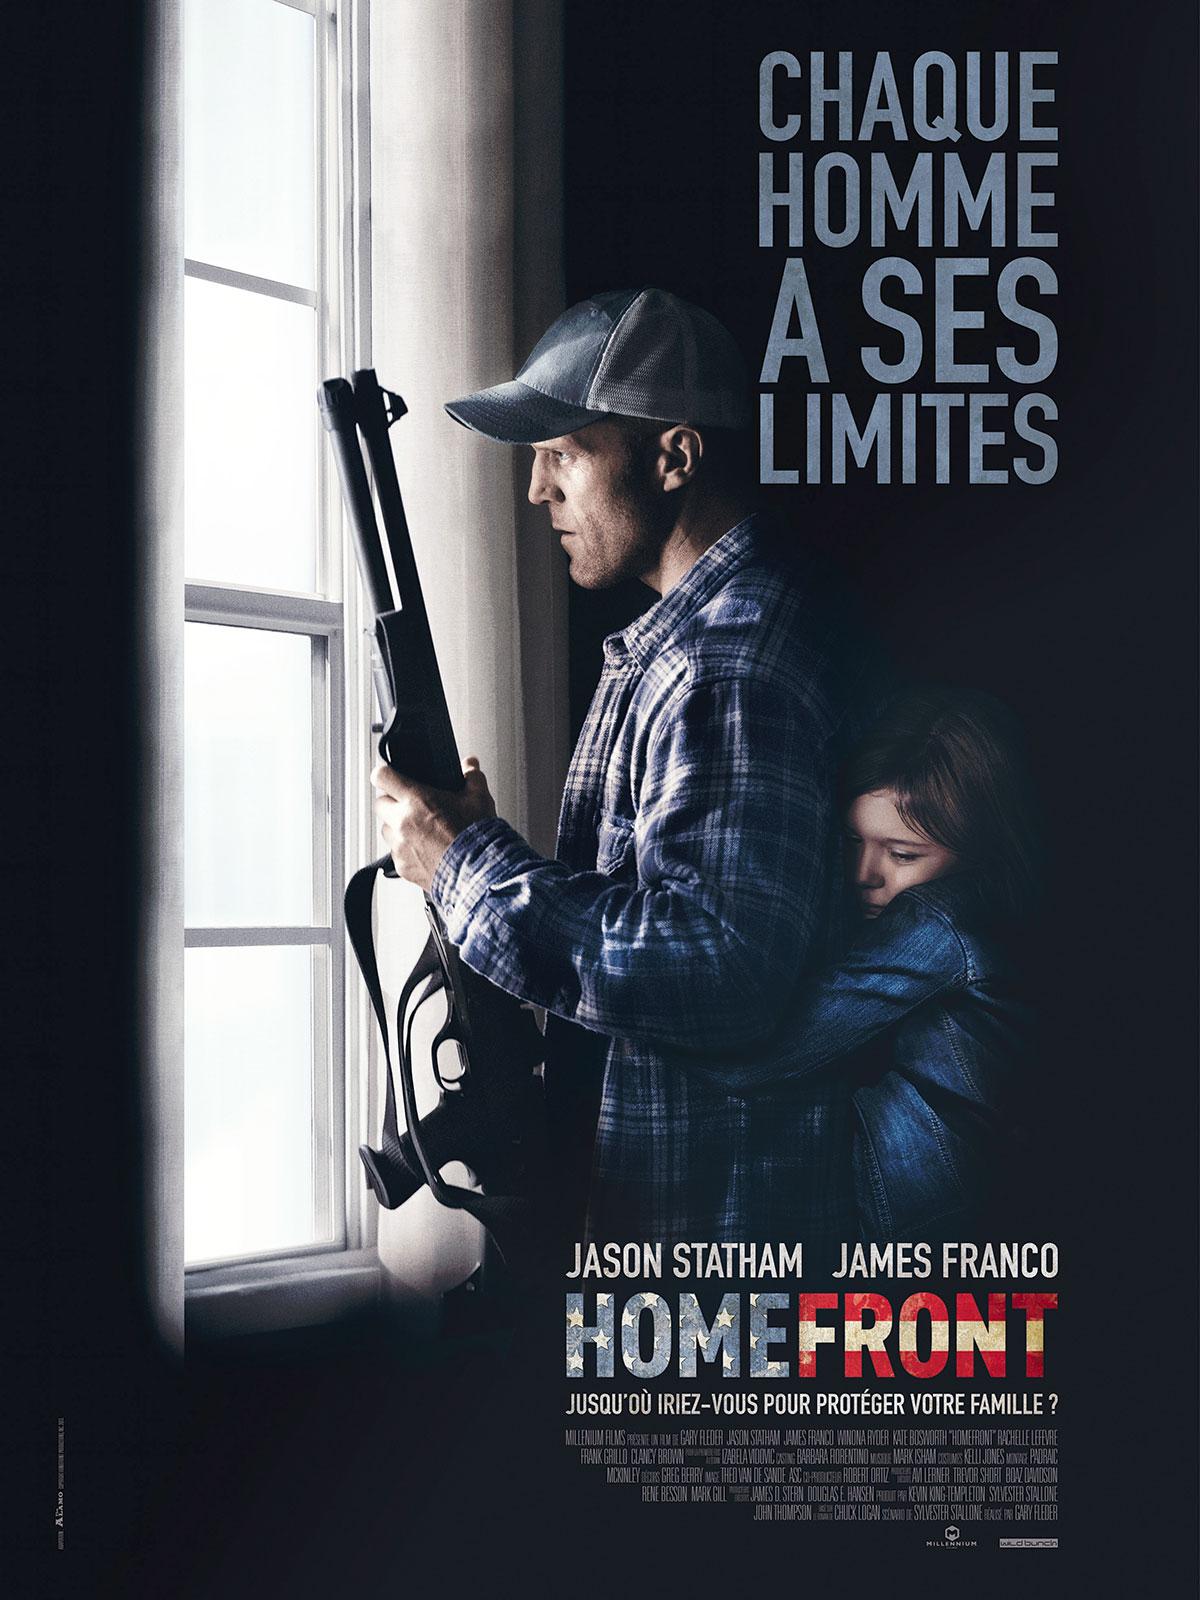 Poster zum Homefront   Bild 20 auf 20   FILMSTARTS.de